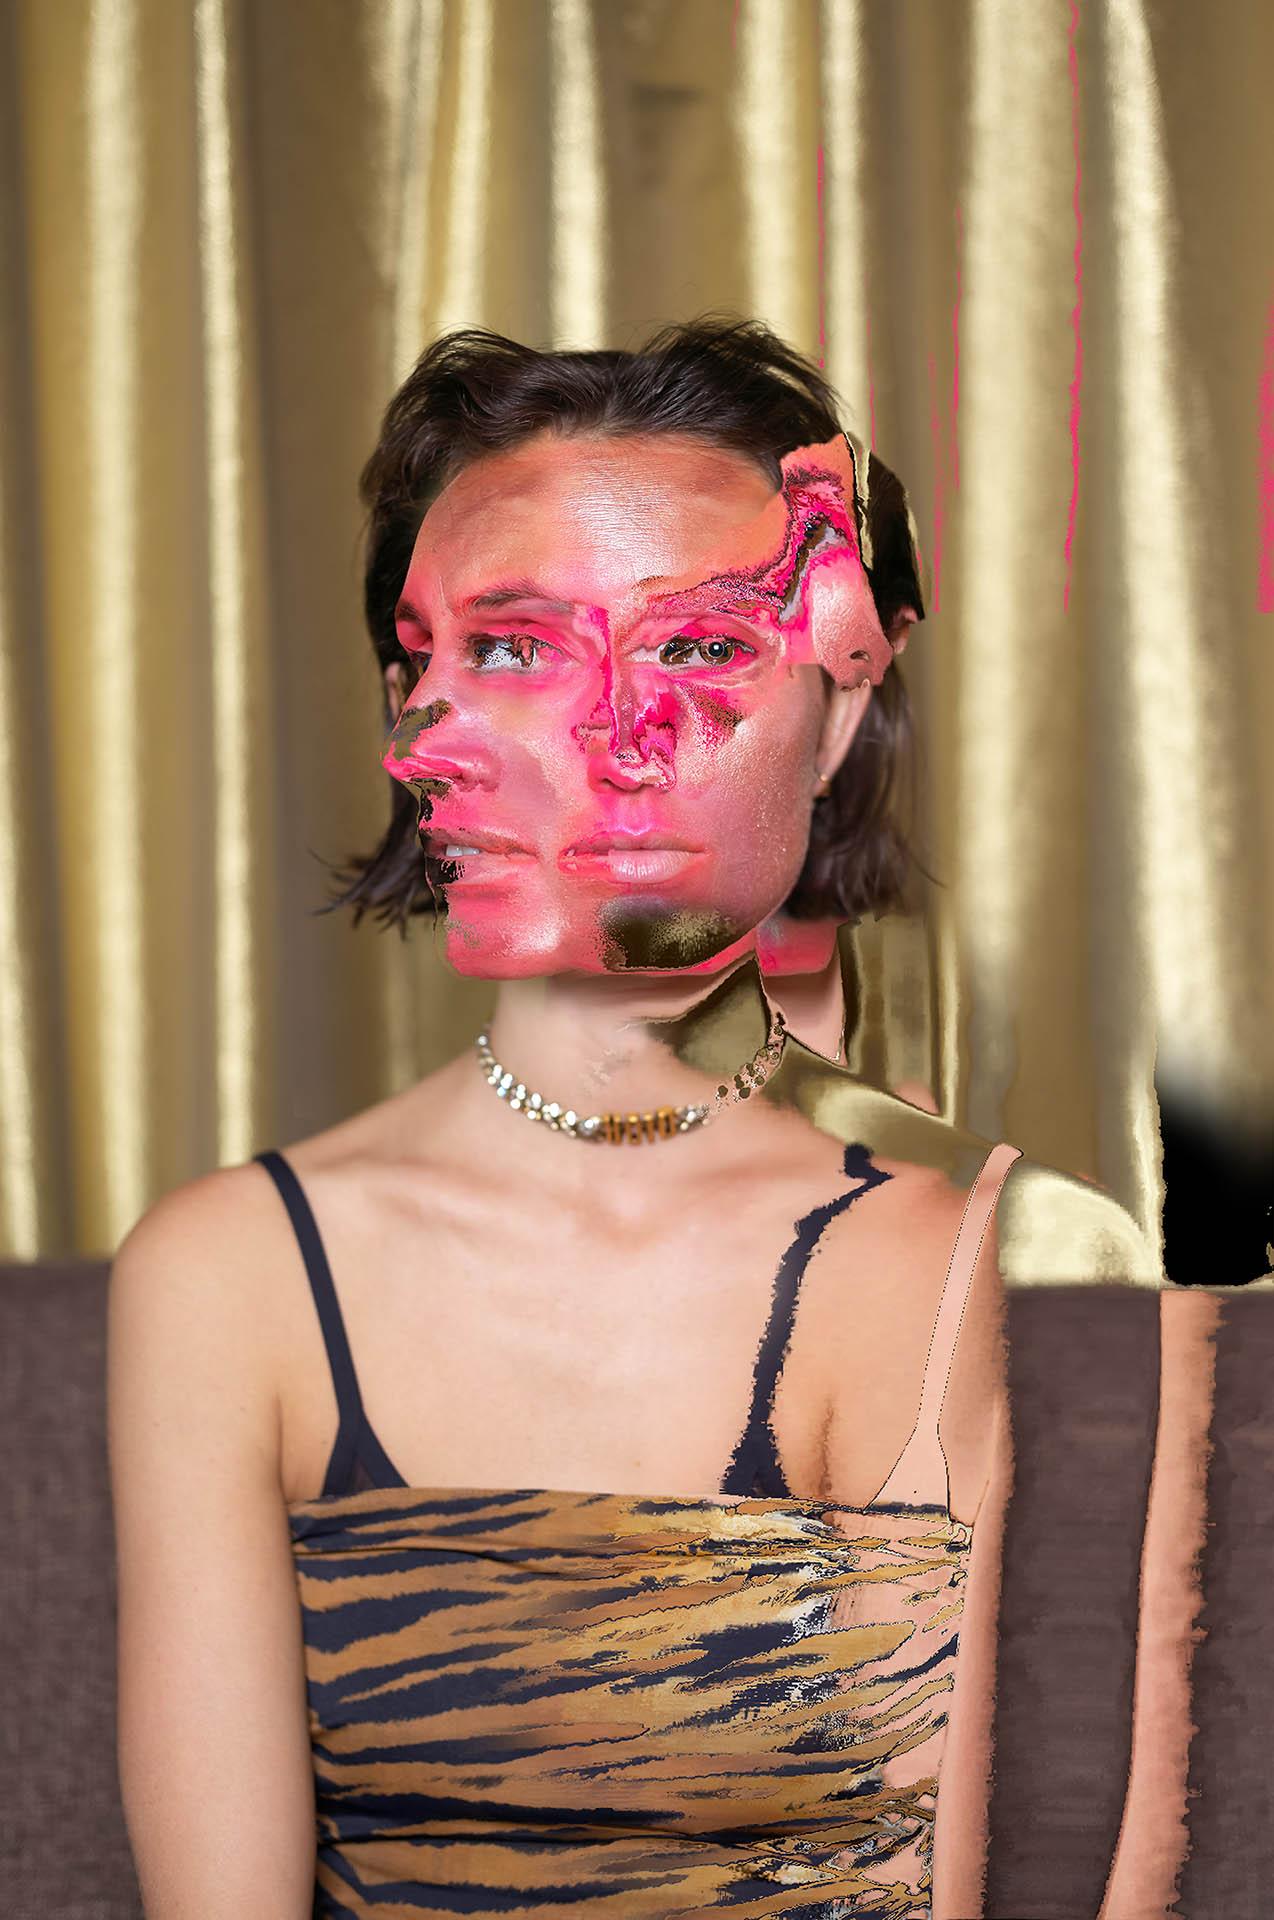 Portrait photo for Apart Publication, by Perimetre creative studio based in Paris